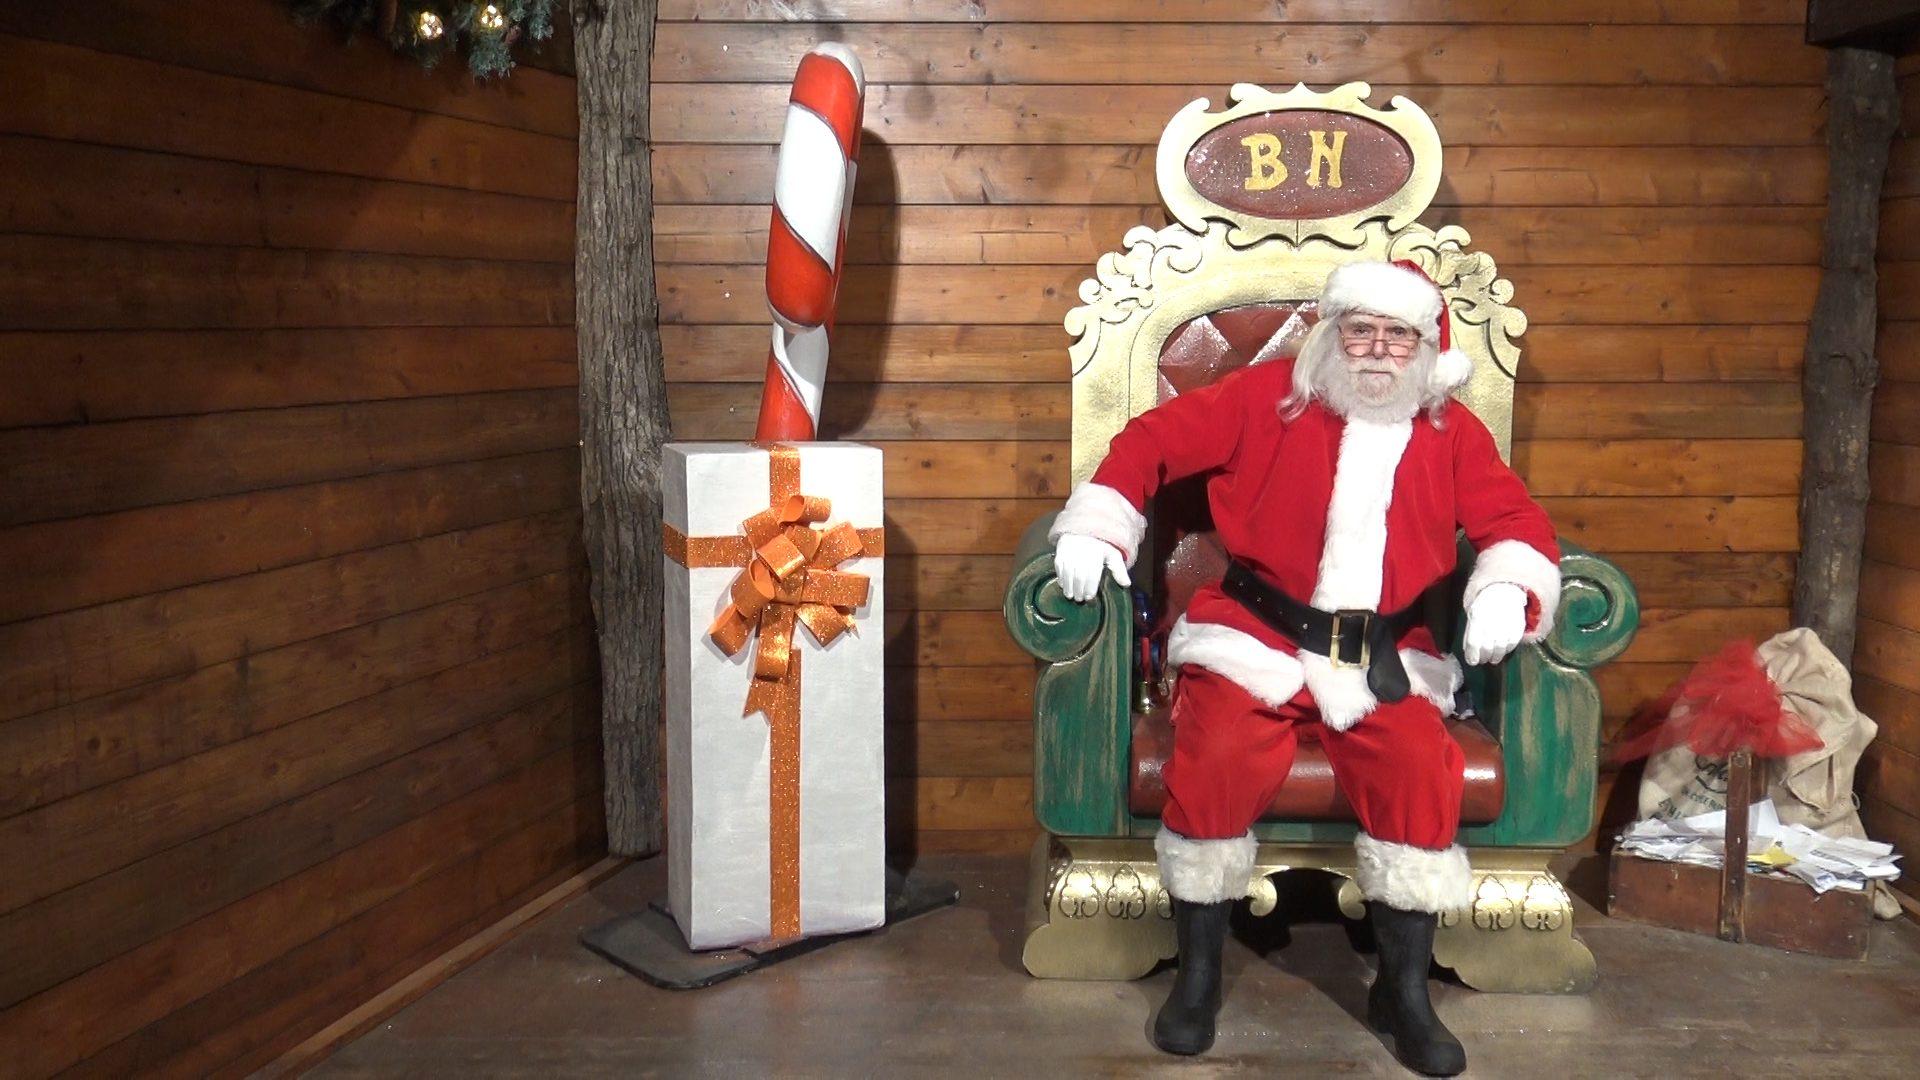 Esiste Babbo Natale Si O No.Babbo Natale Esiste E Aiuta I Malati In Giro Per Il Mondo